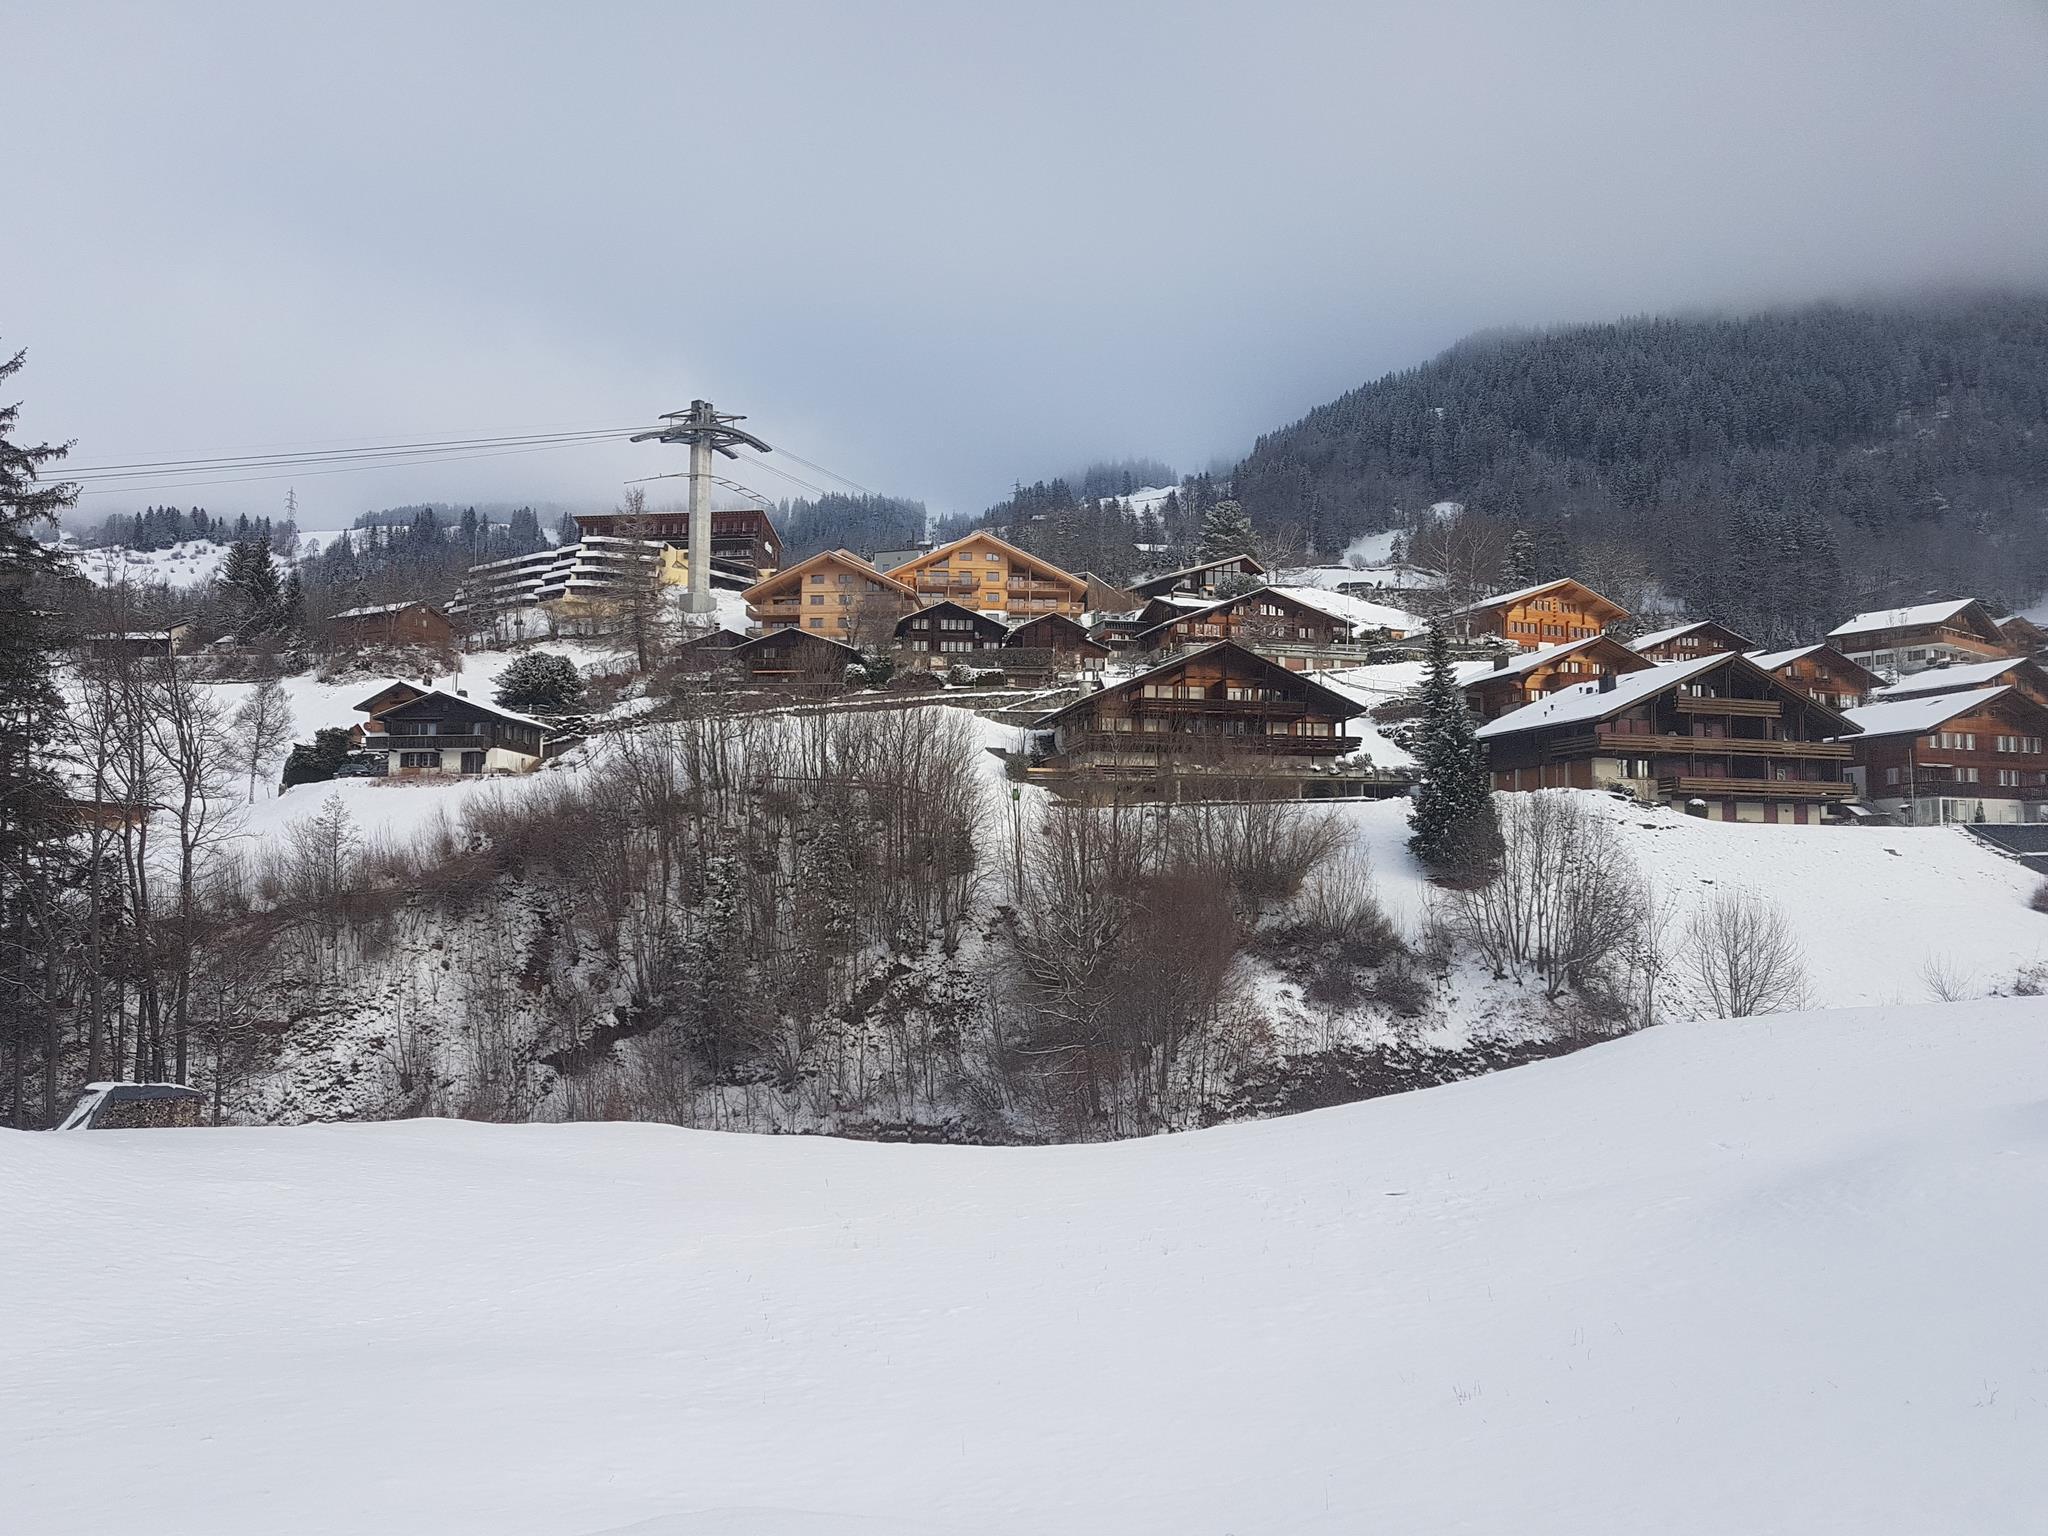 Appartement de vacances Grini-Hüs 8 Bett Wohnung (2691732), Hasliberg Reuti, Meiringen - Hasliberg, Oberland bernois, Suisse, image 2